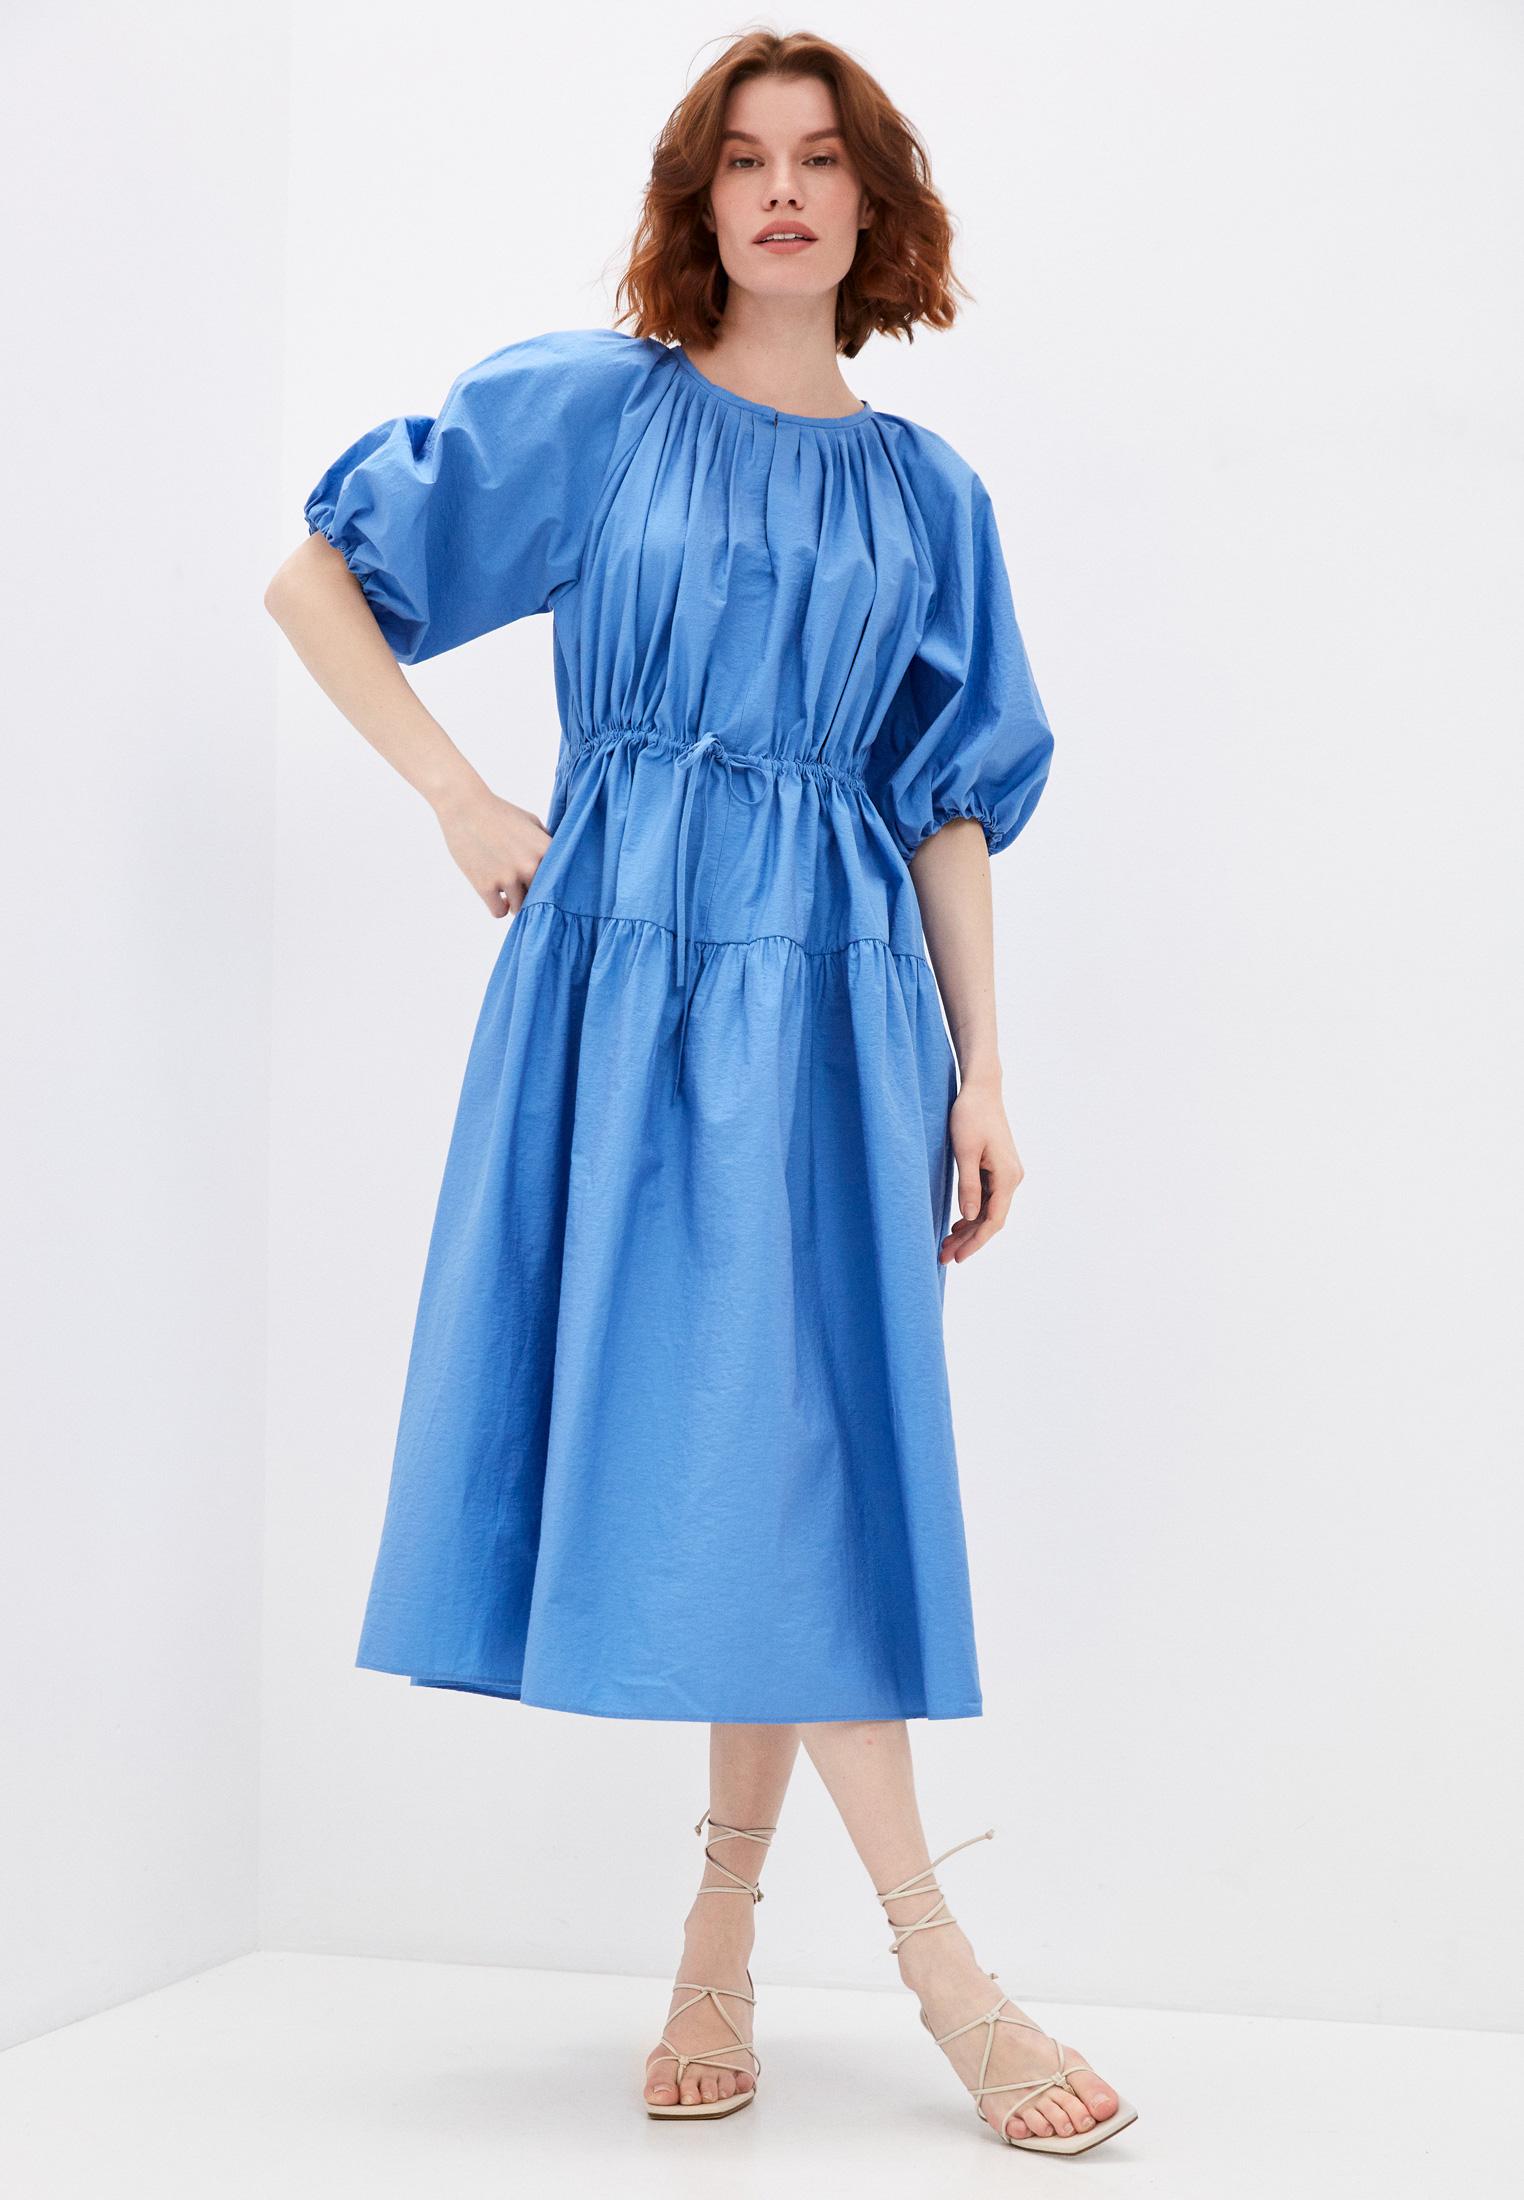 Повседневное платье Weekend Max Mara 52211111600